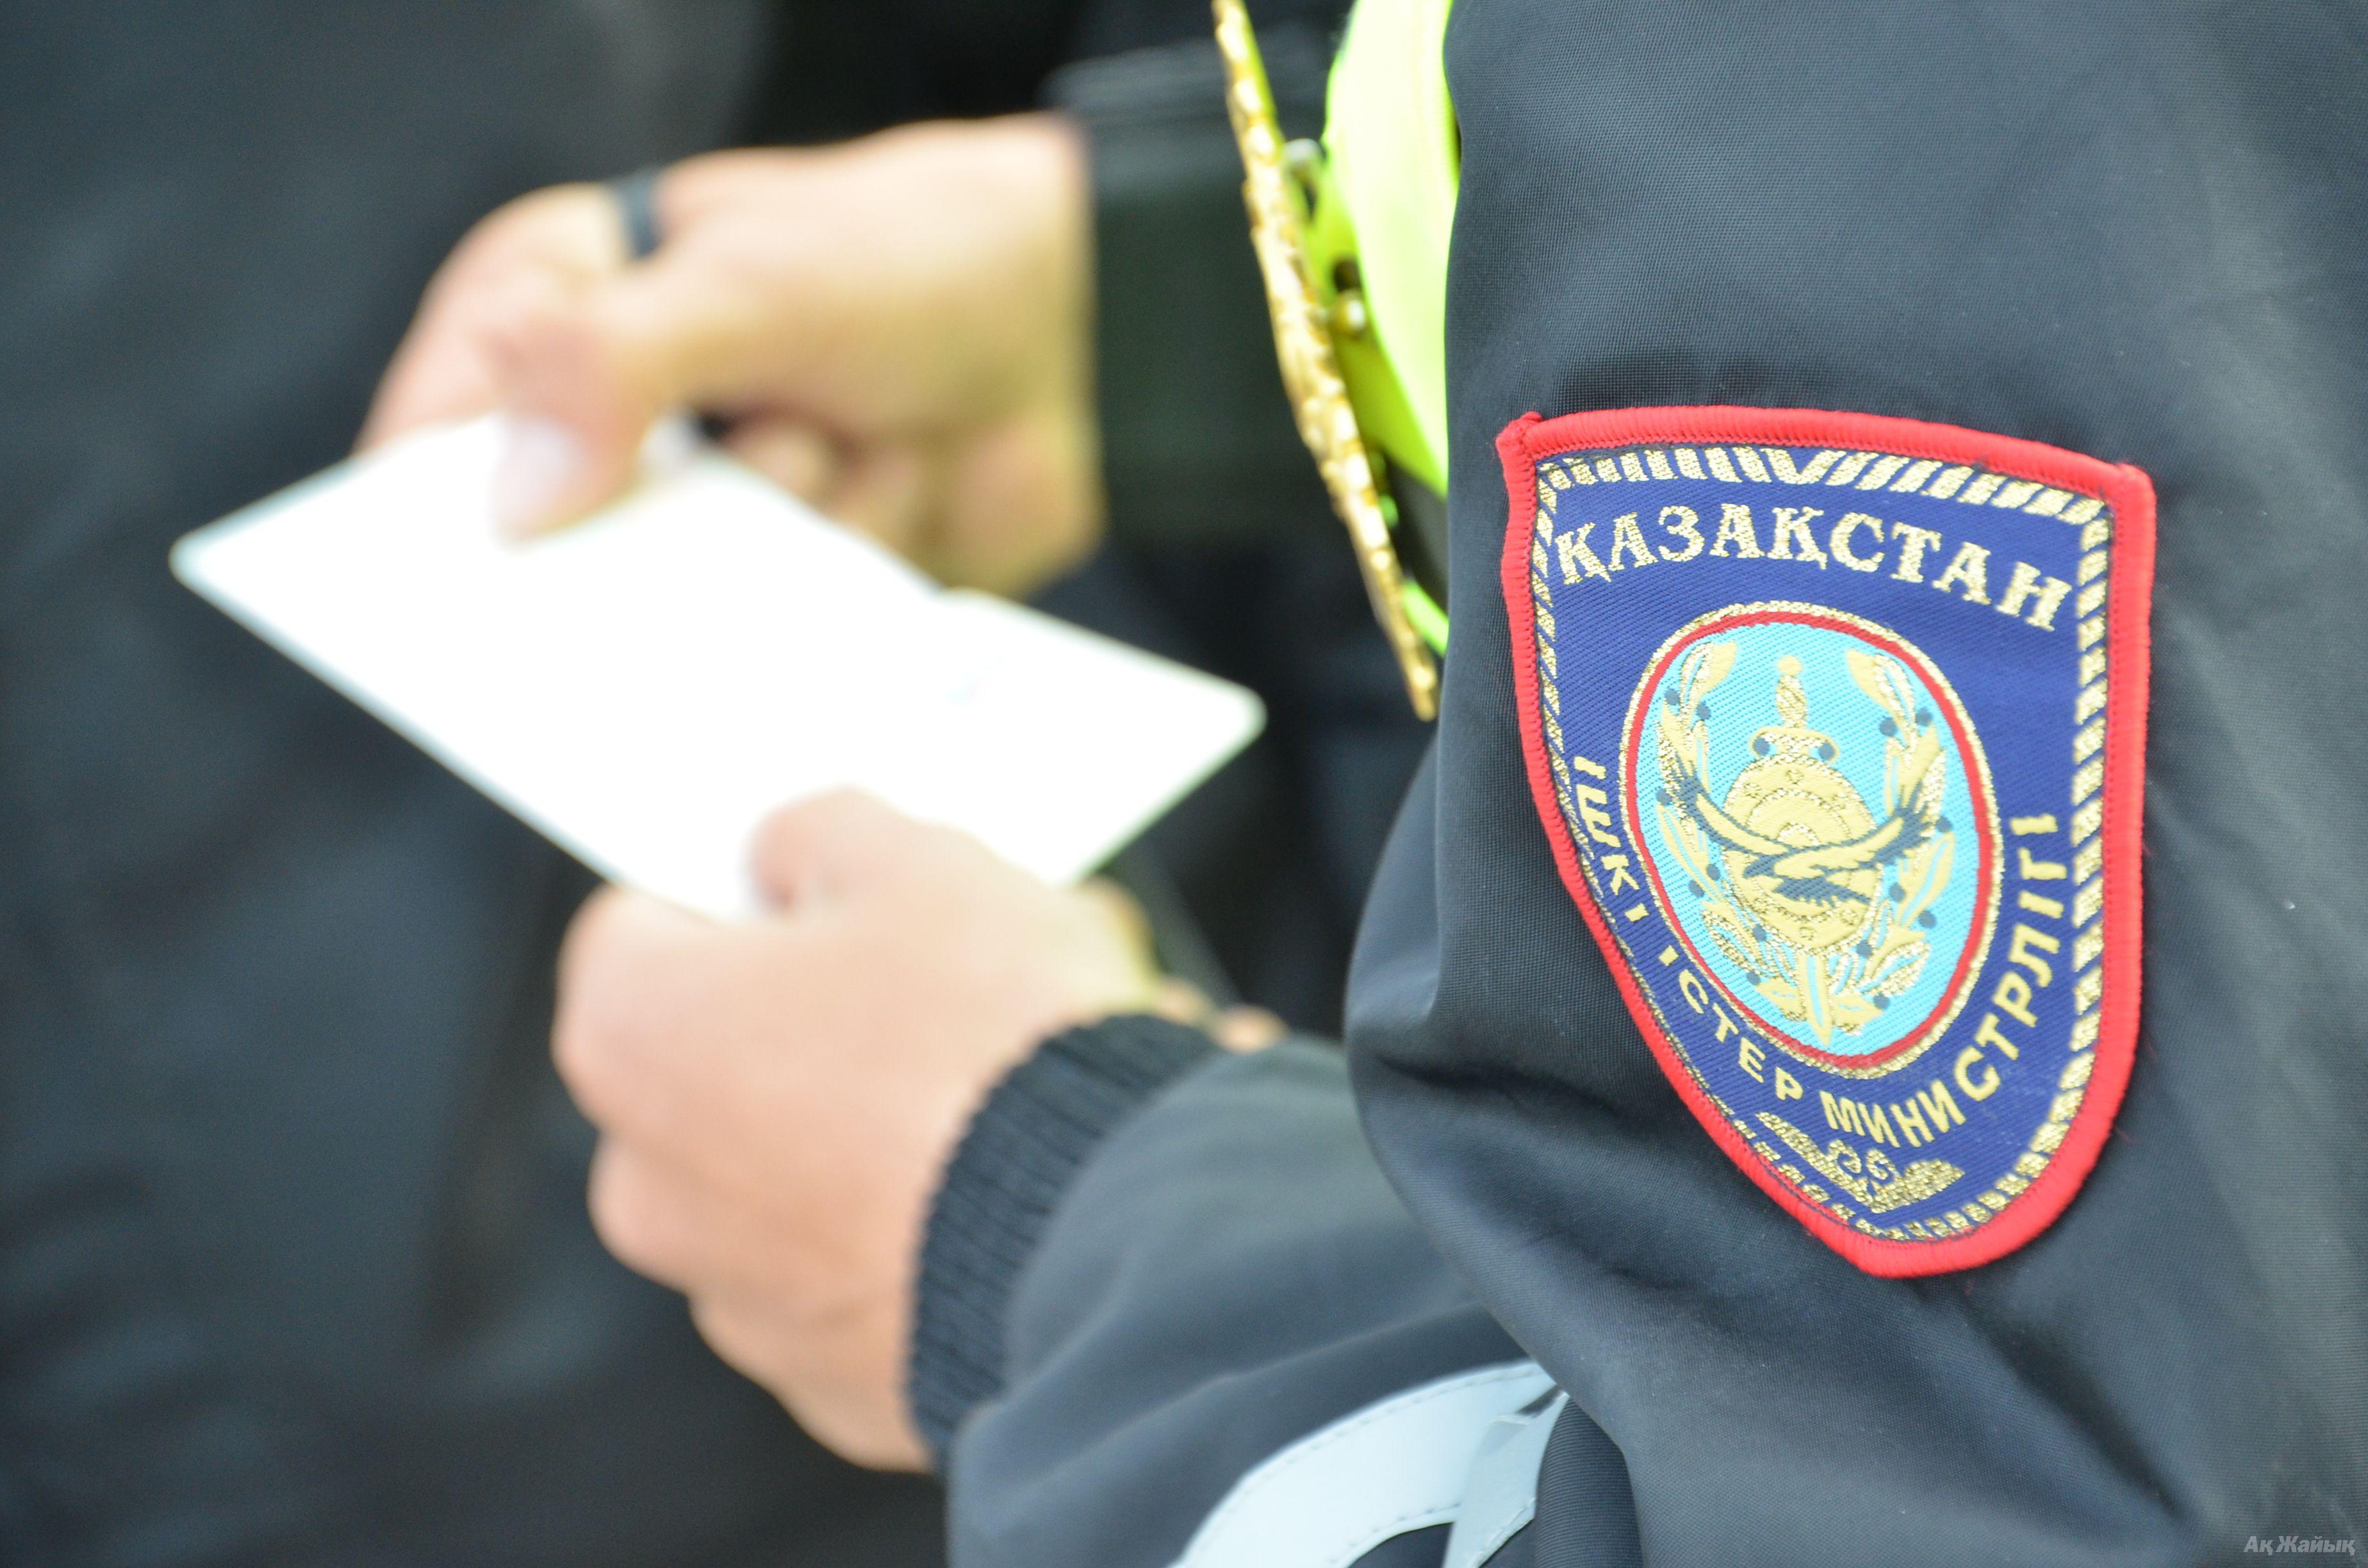 Полицейские в Актюбинской области вменяют задержанным более тяжкие составы преступлений – глава ДВД , полицейские, Актюбинская область , Глава ДВД, Махамбет Абисатов